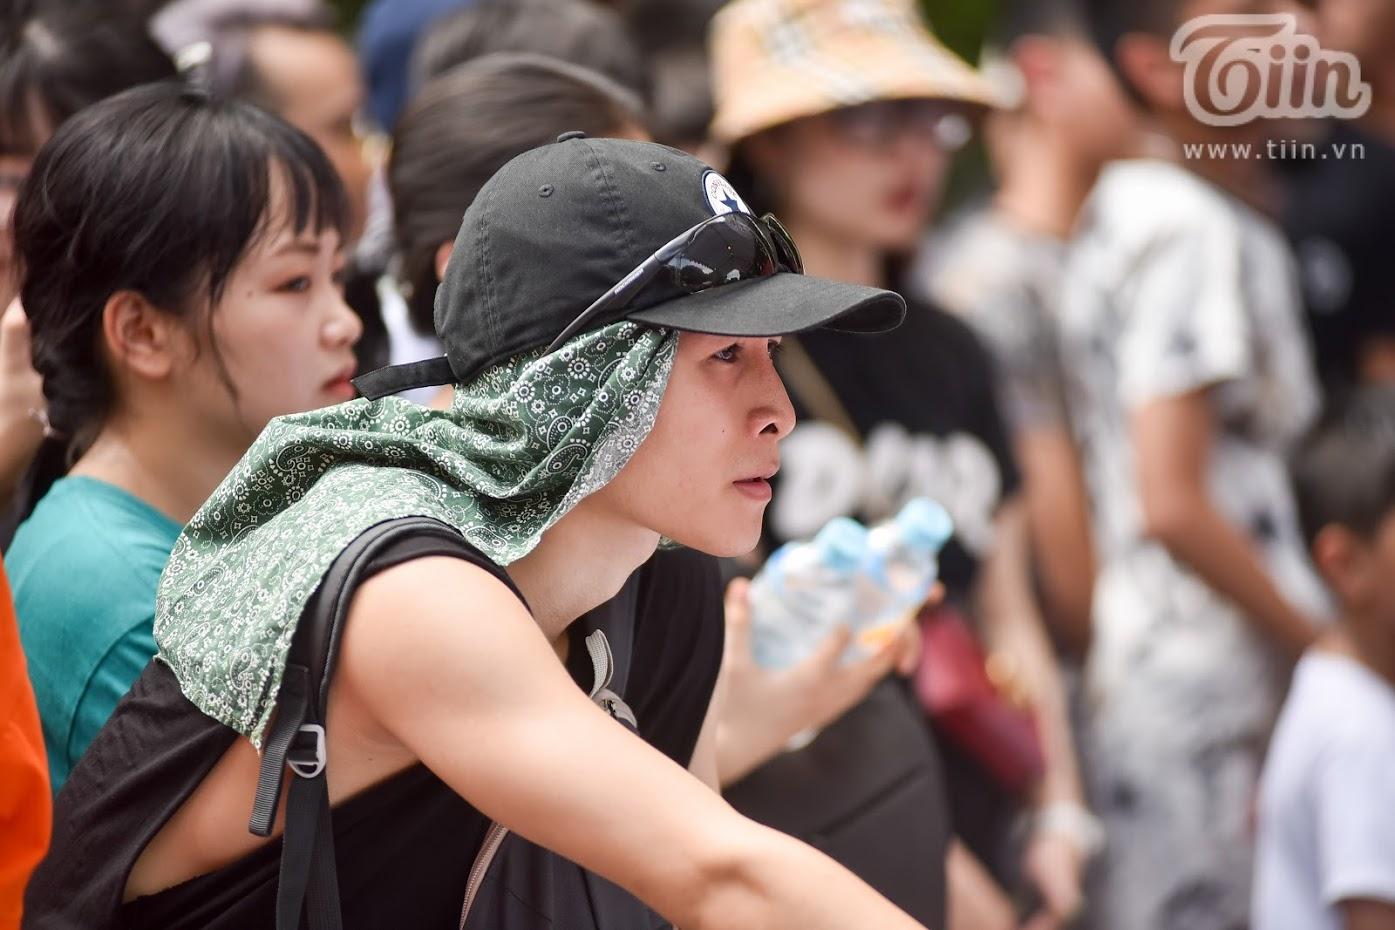 Giải bóng rổ chưa có tiền lệ giữa phố đi bộ Hồ Gươm: Giới trẻbất chấp nắng nóng gay gắt đến xem chật cứng 7